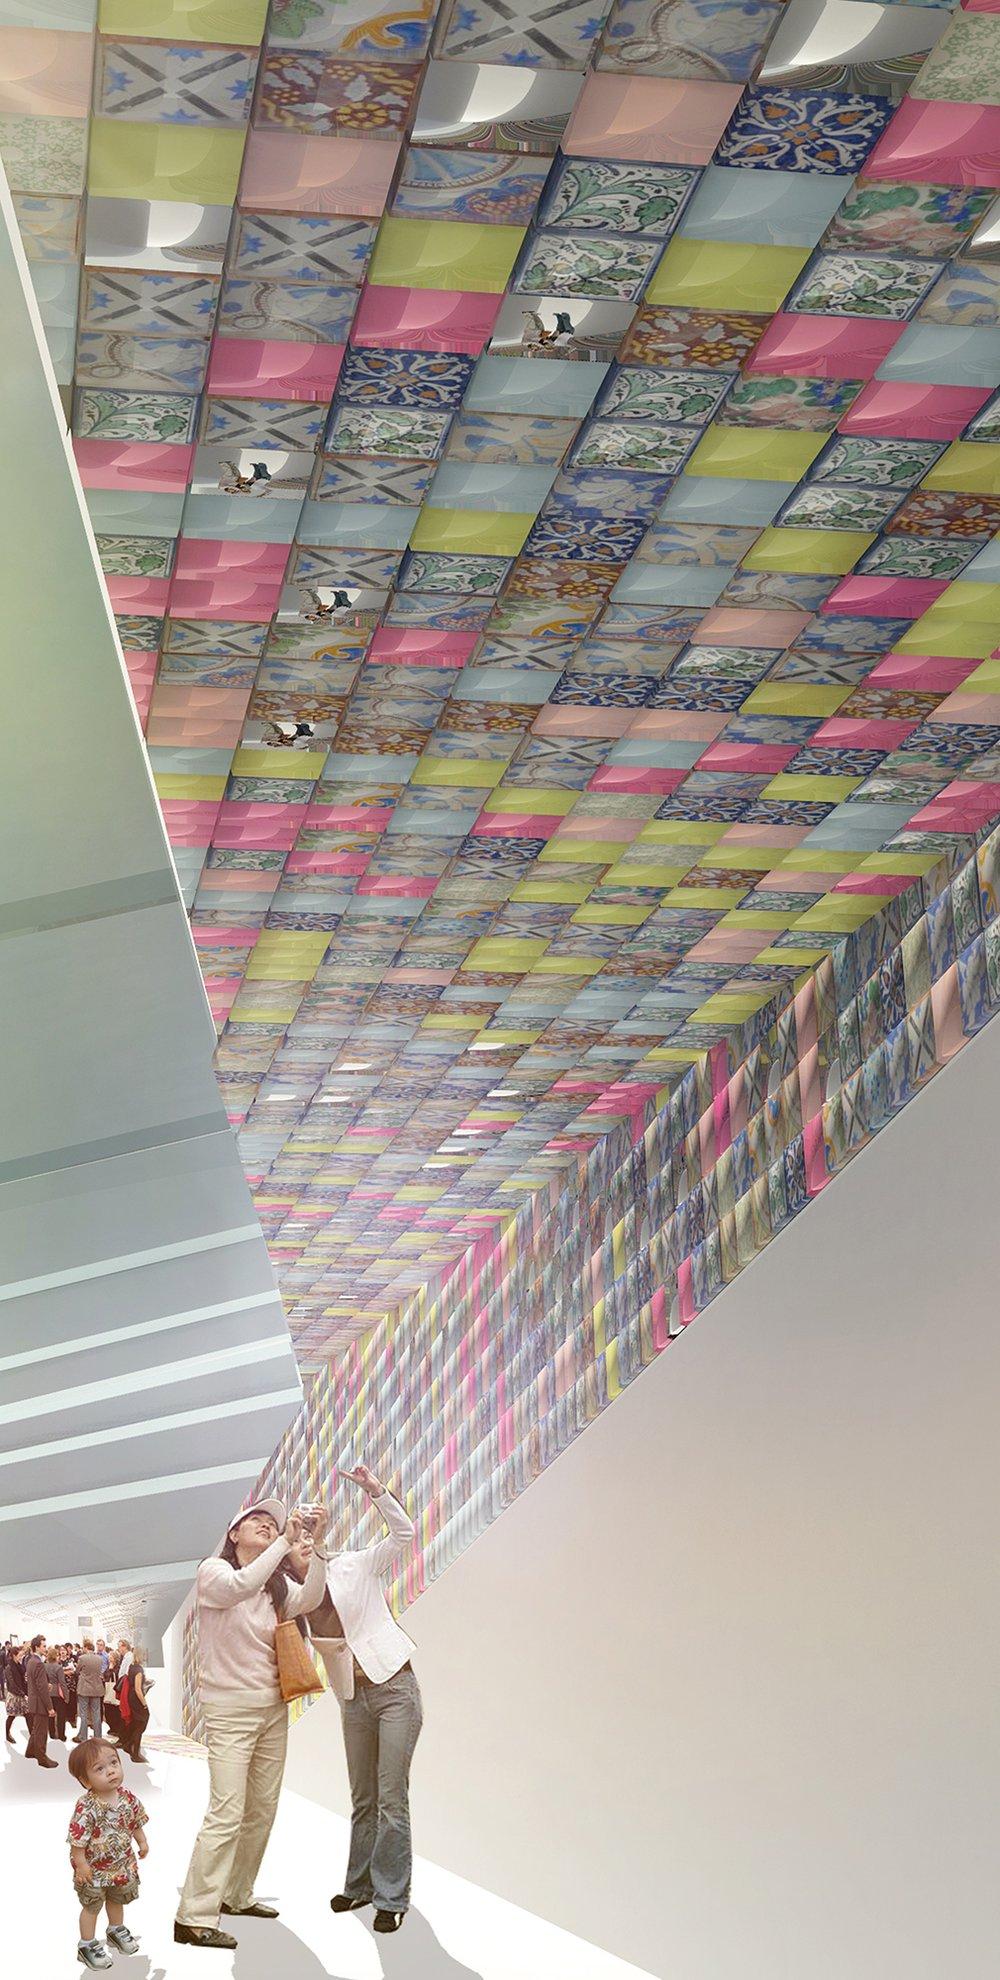 An installation proposal for the Frieze Art Fair